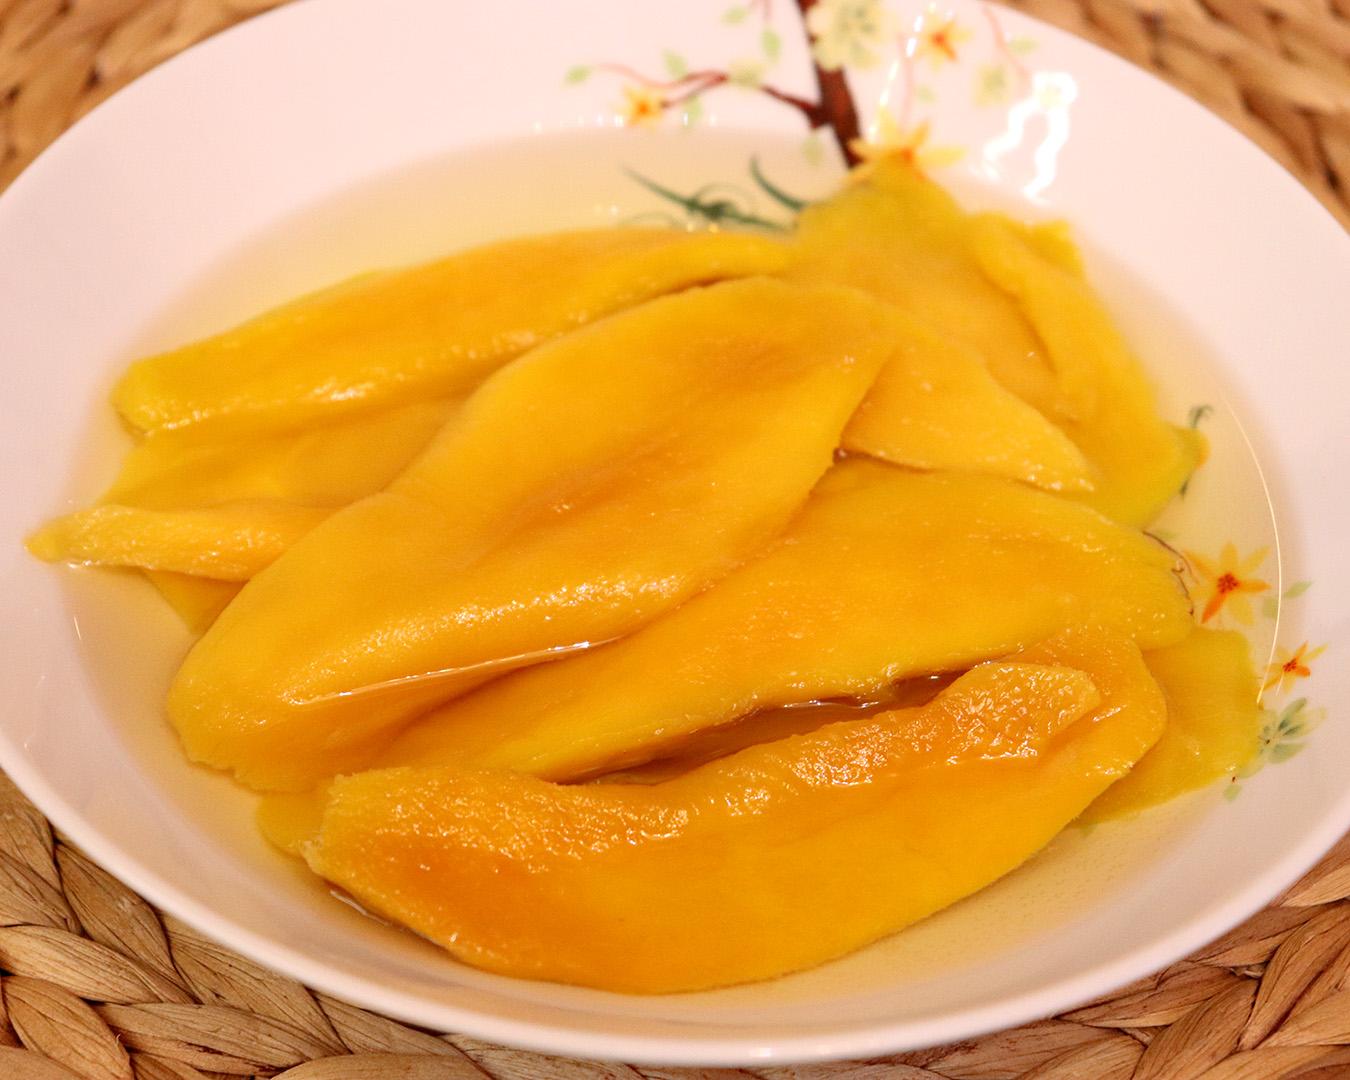 манго сушёное натуральное